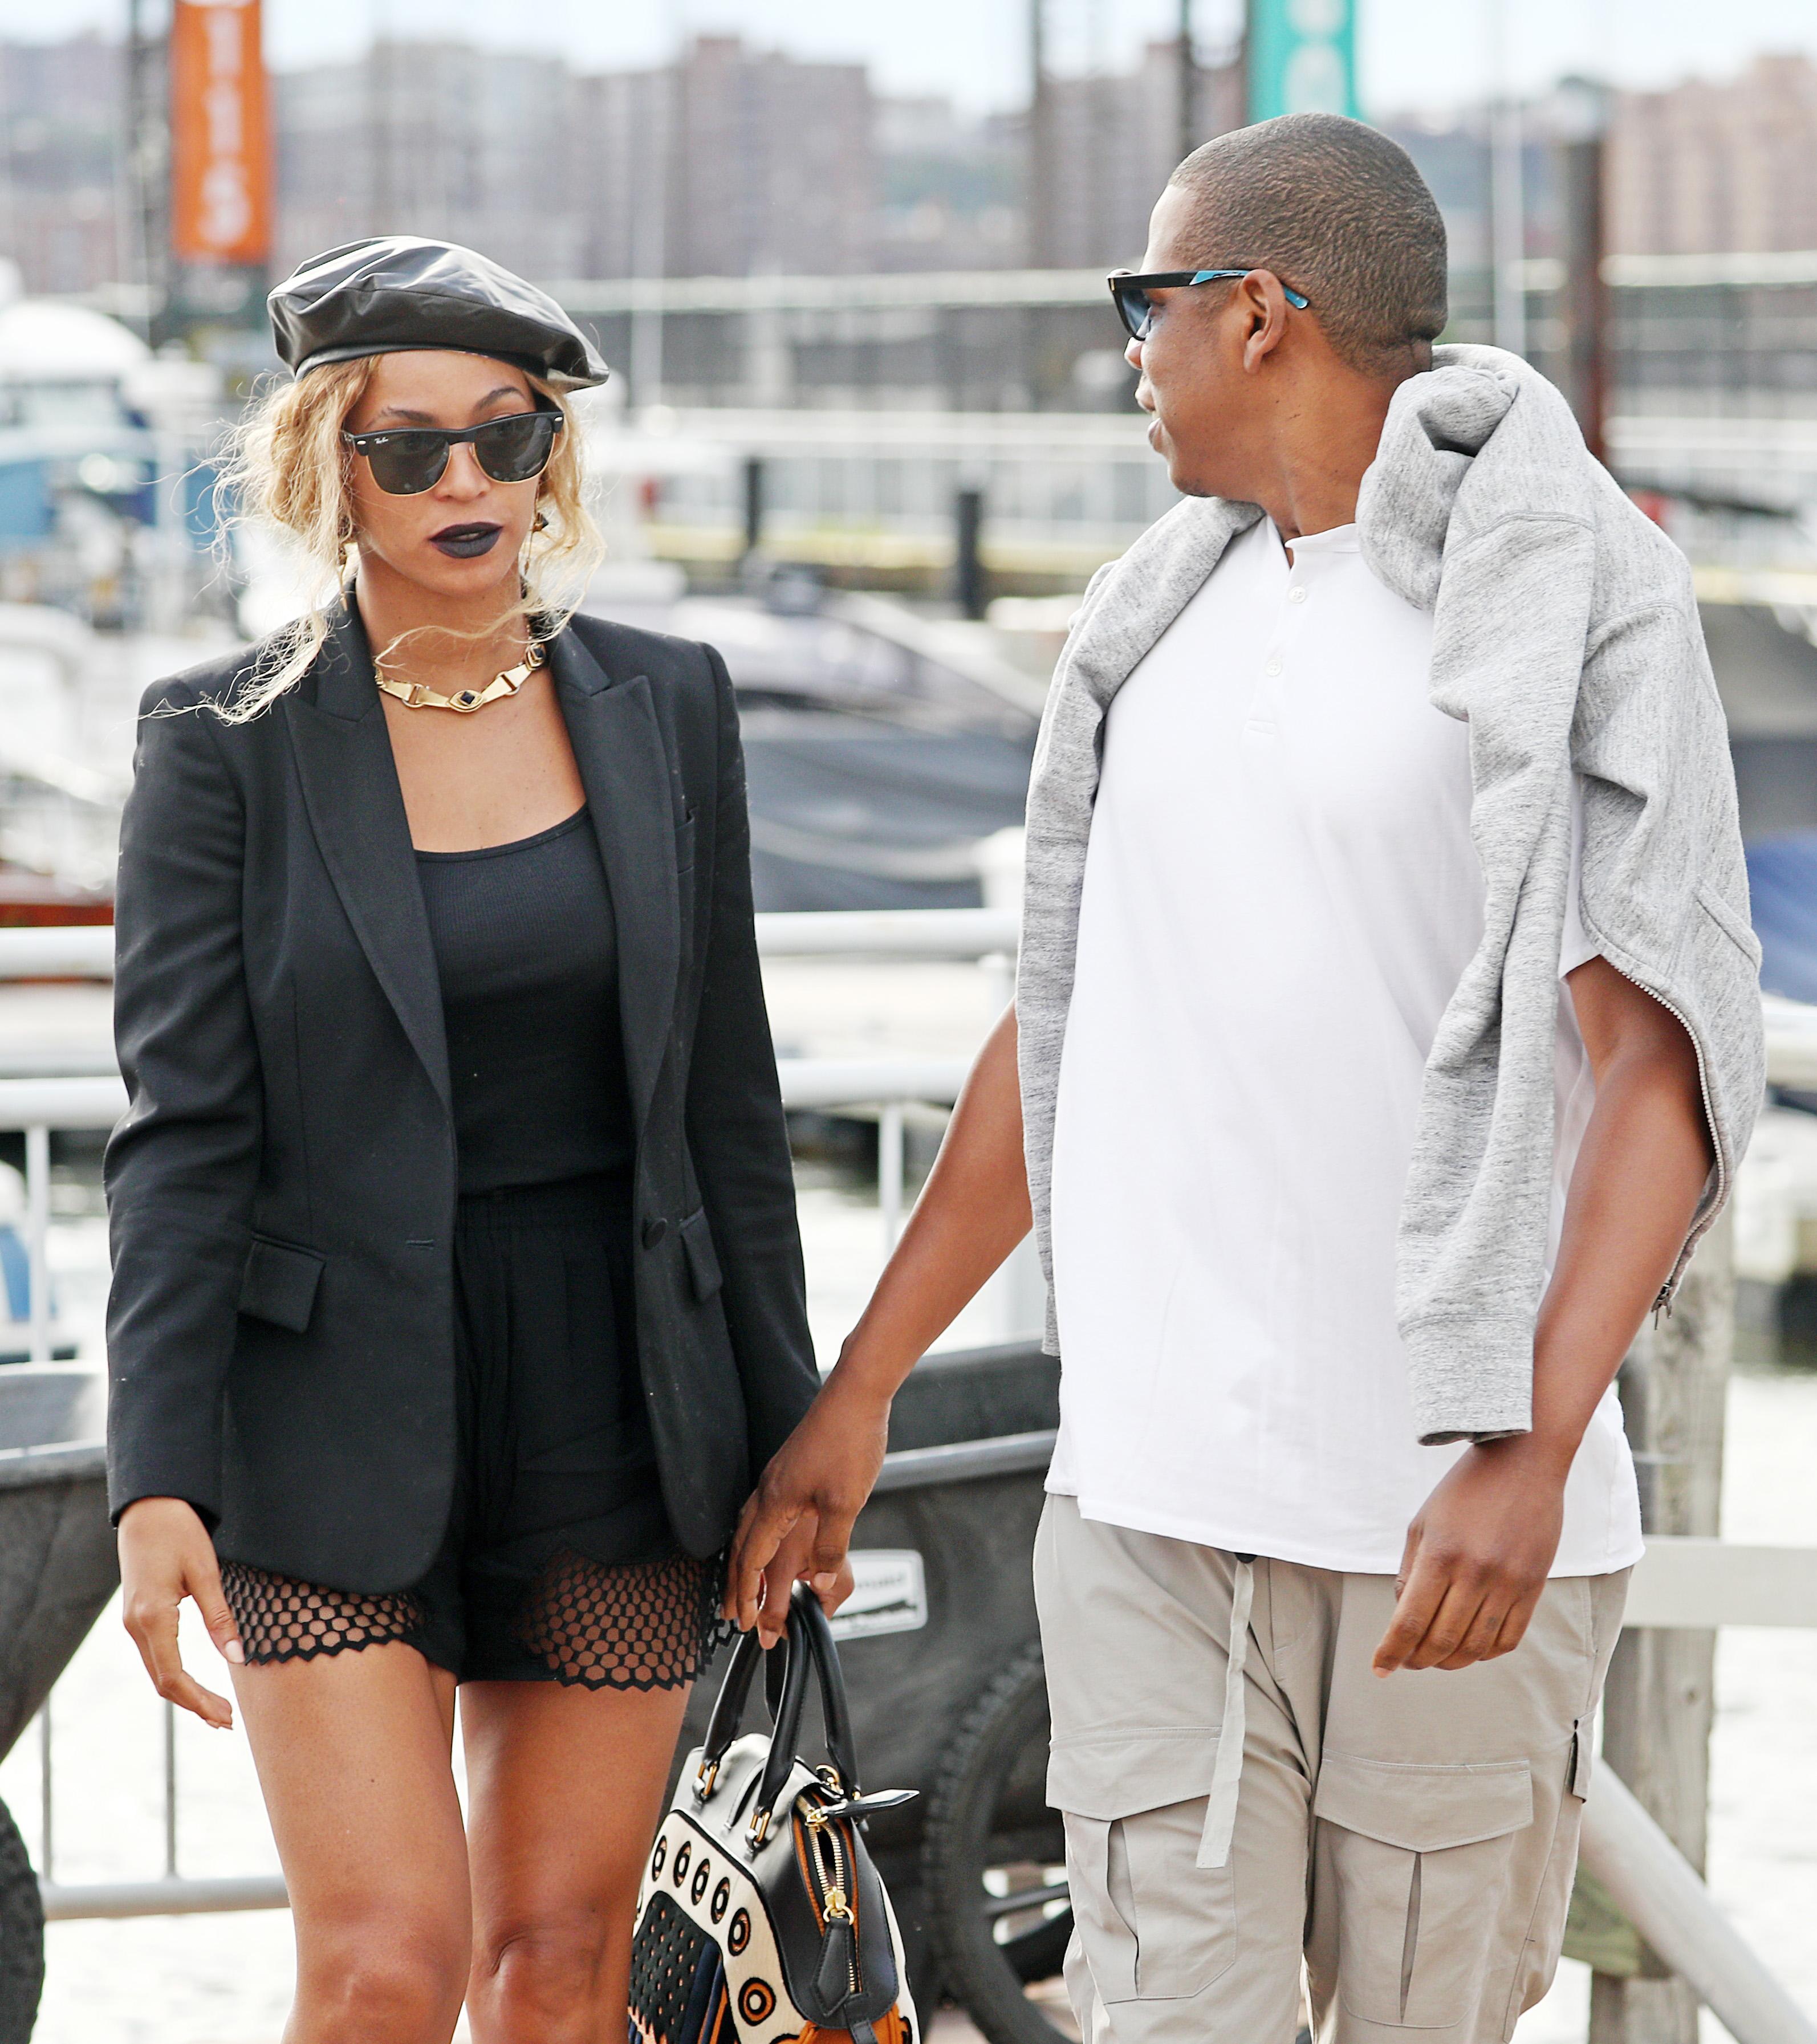 Amar A Muerte Capitulo 6: Beyoncé Y Jay Z Lucen Distanciados Durante Un Paseo En